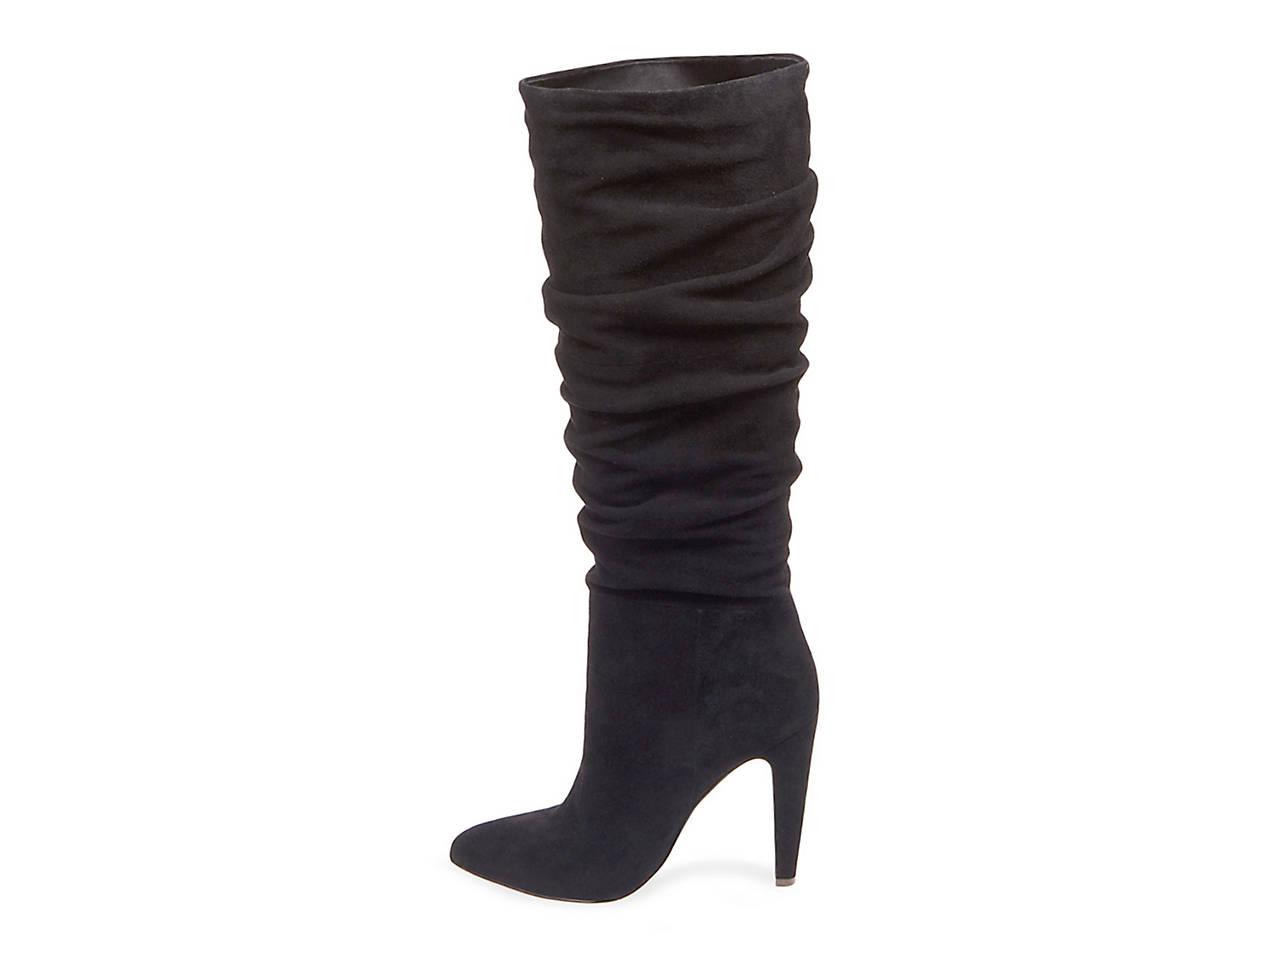 fb6827cd964 Steve Madden Carrie Boot Women s Shoes